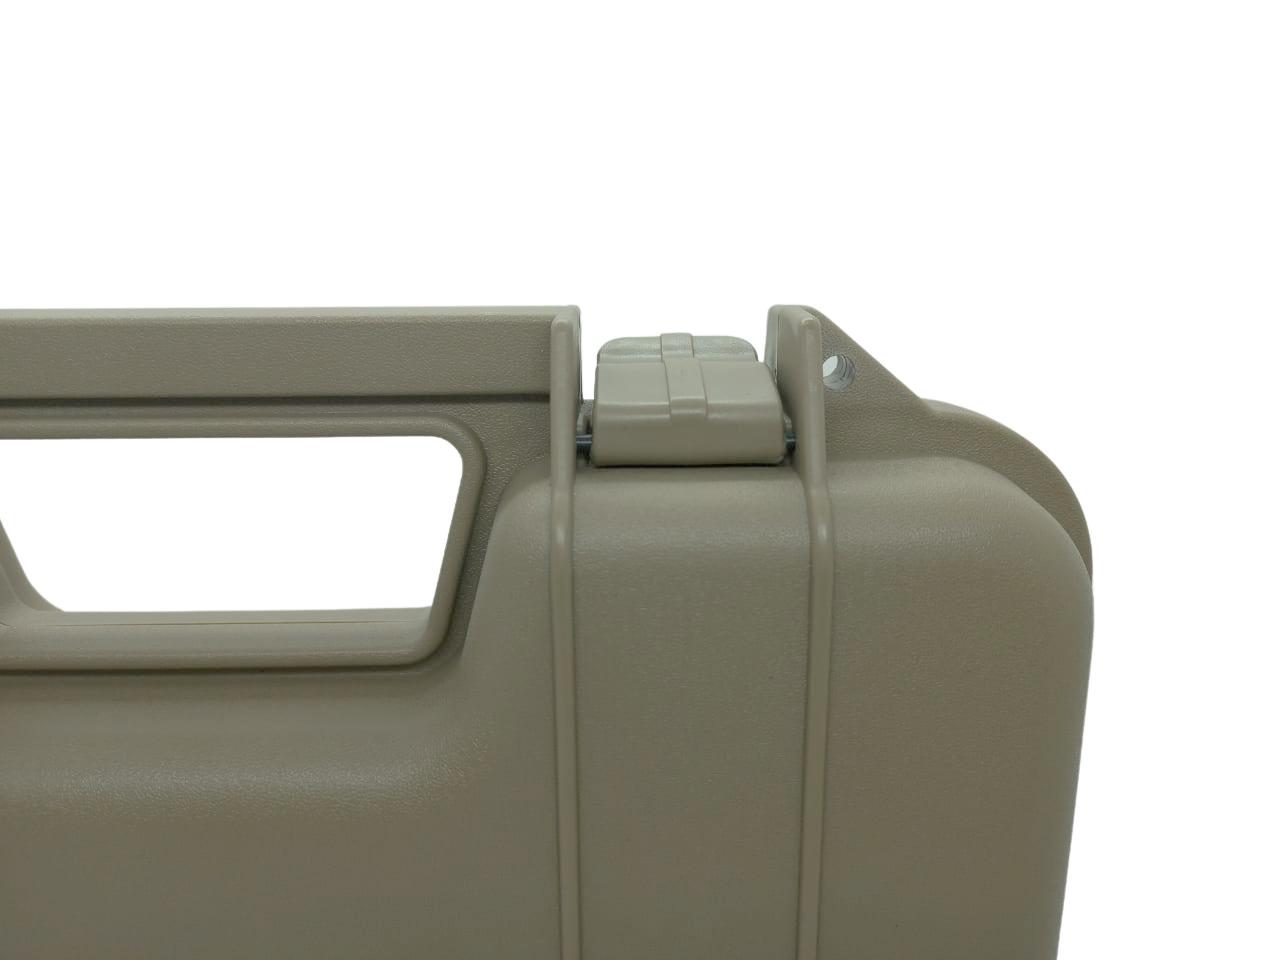 Maleta Plástica para Pistola - Cor: TAN  - MAB AIRSOFT